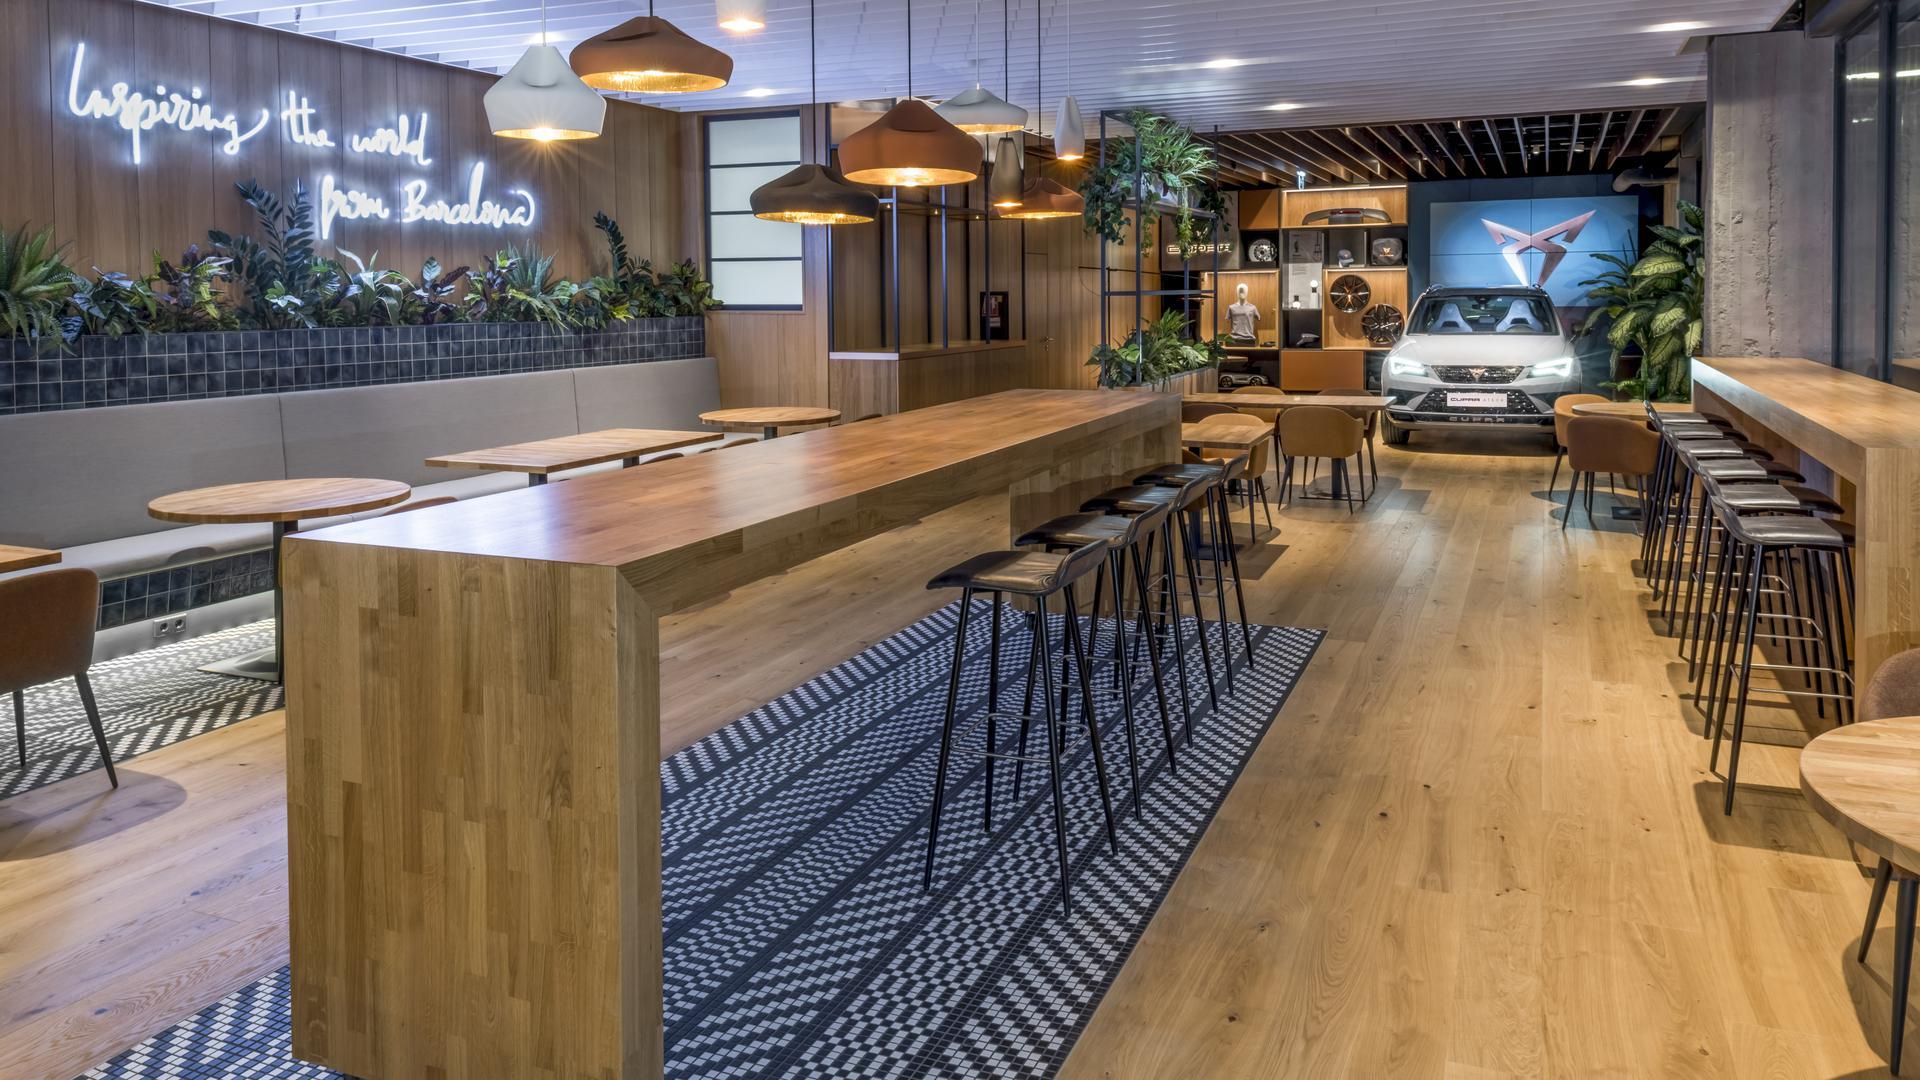 """Die """"Hola Tapas Bar"""" ist in Wien, der Drei-Sterne-Gastronom stammt aus Waiblingen, und die Autos kommen aus Spanien. Seat will mit dem Konzept näher an potenzielle Kunden heranrücken."""